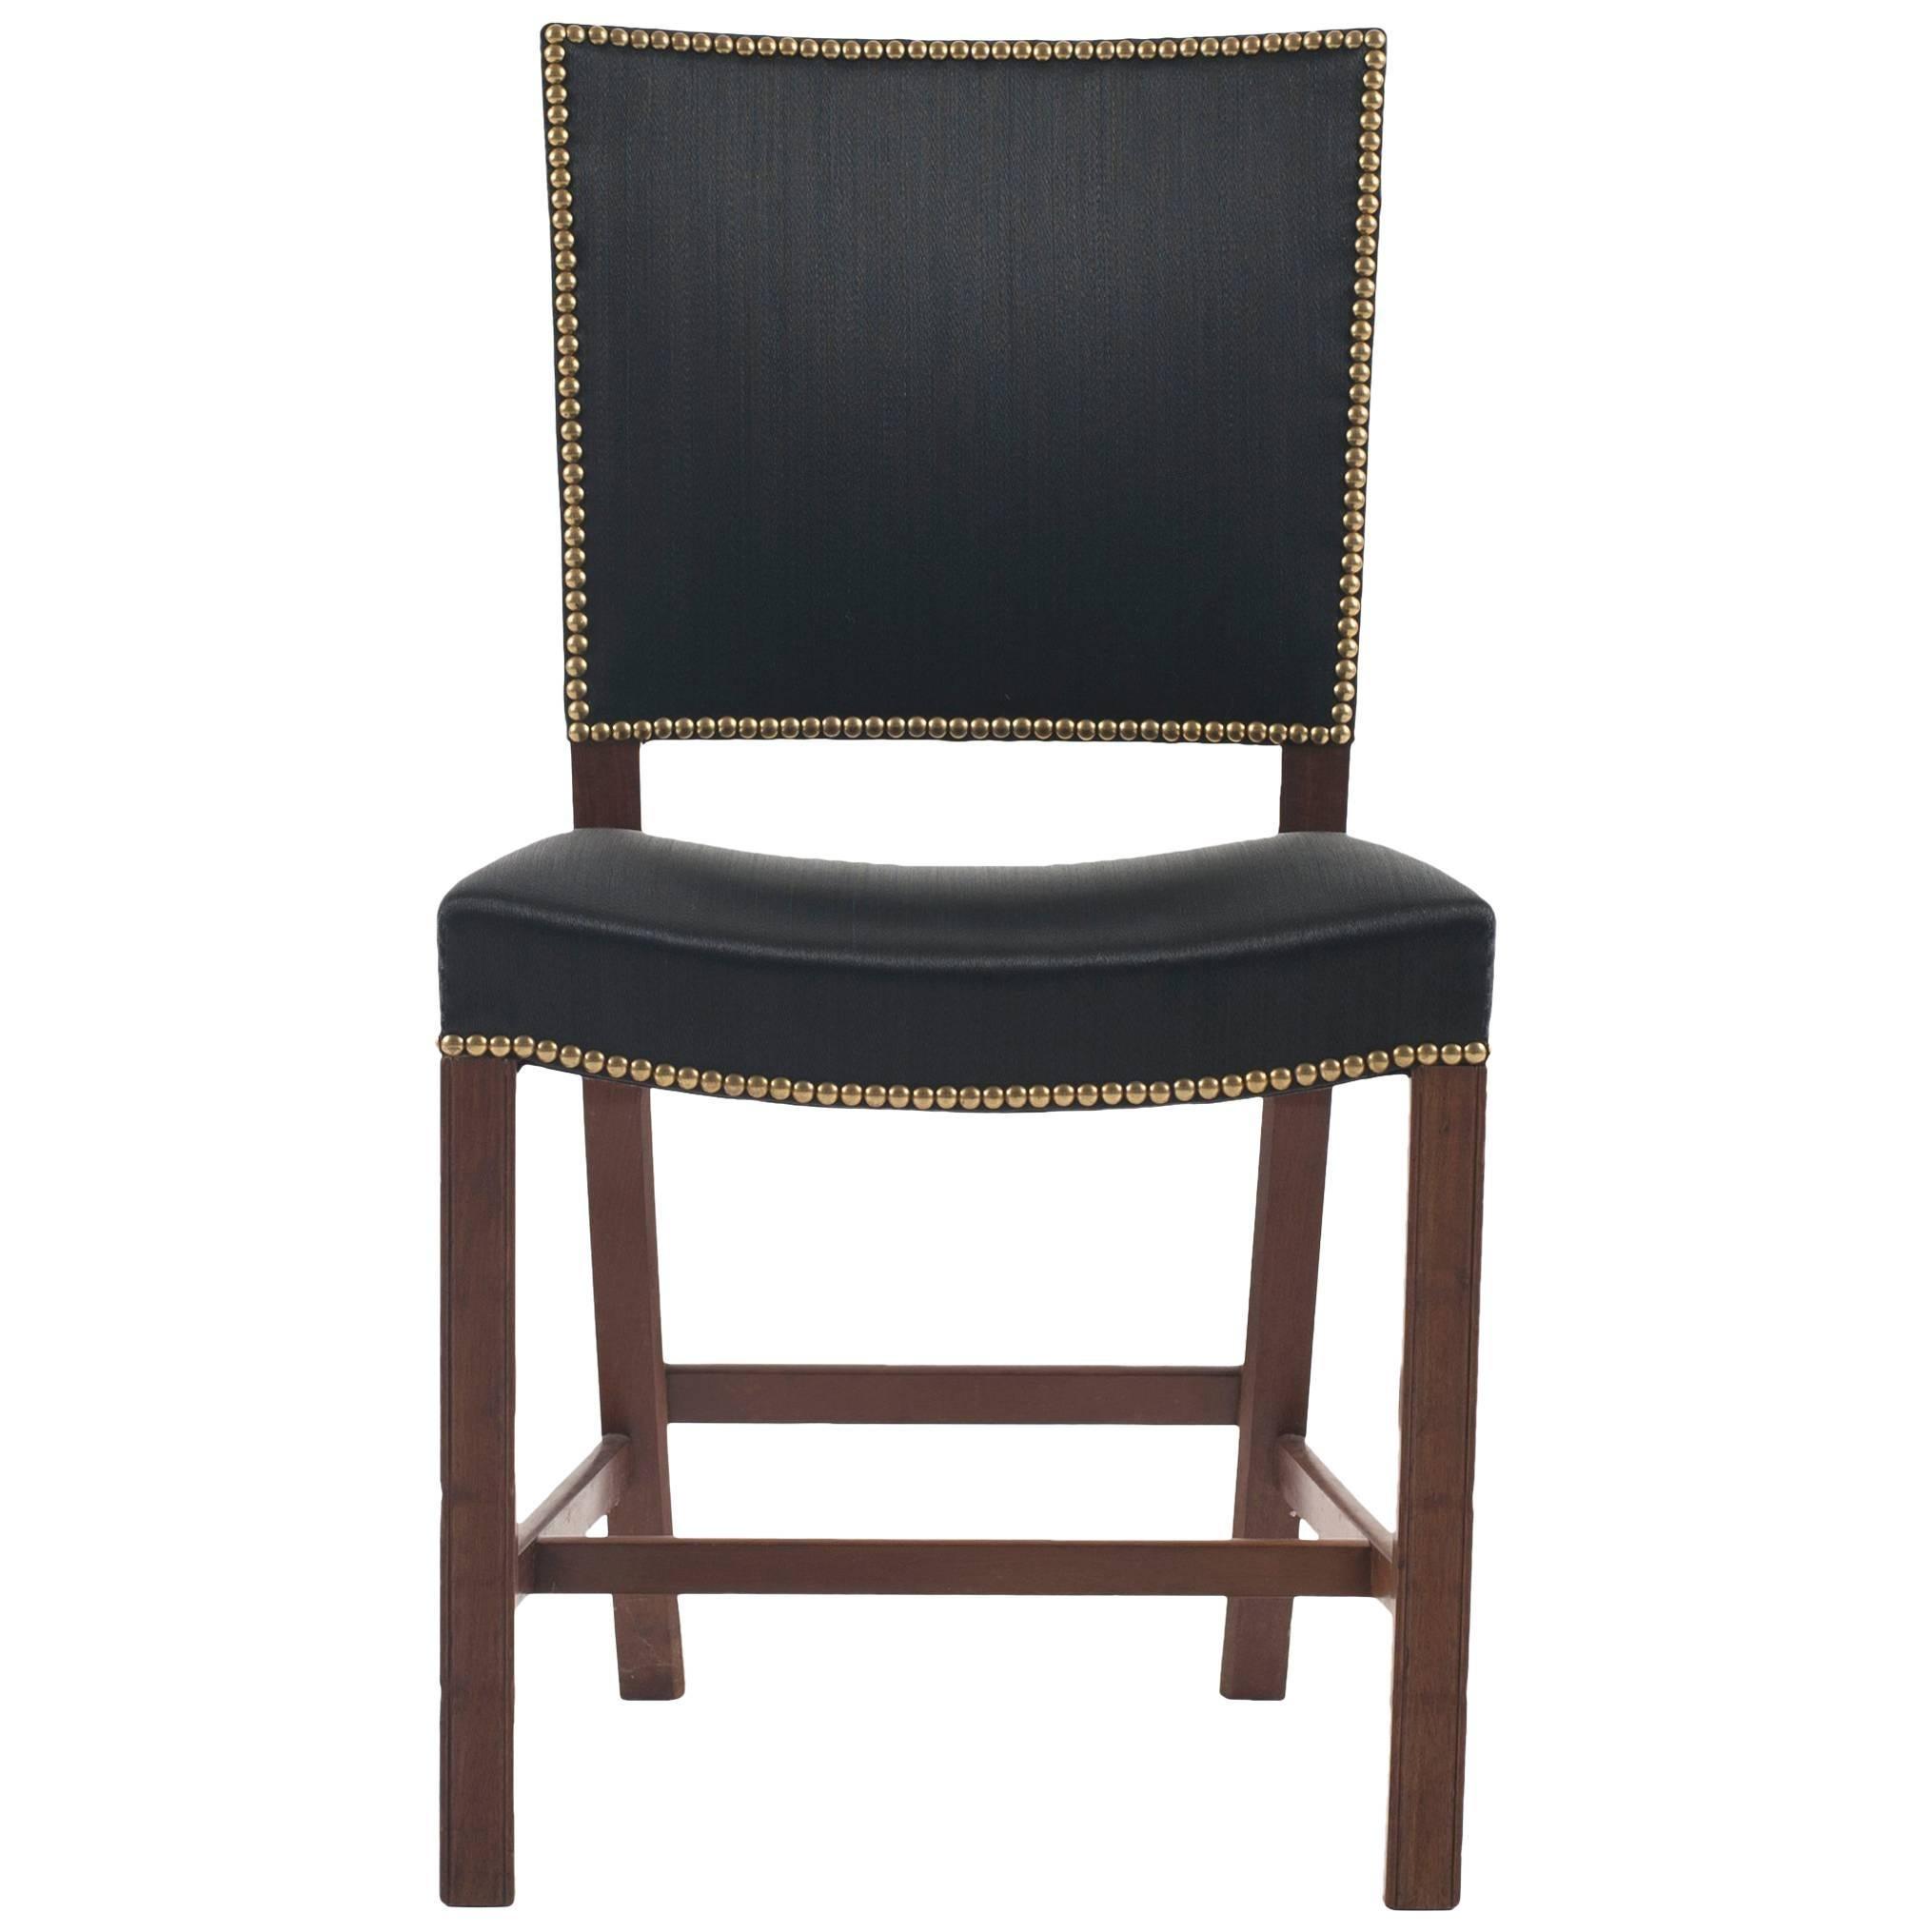 Kaare Klint Red Chair for Rud. Rasmussen, 1930s